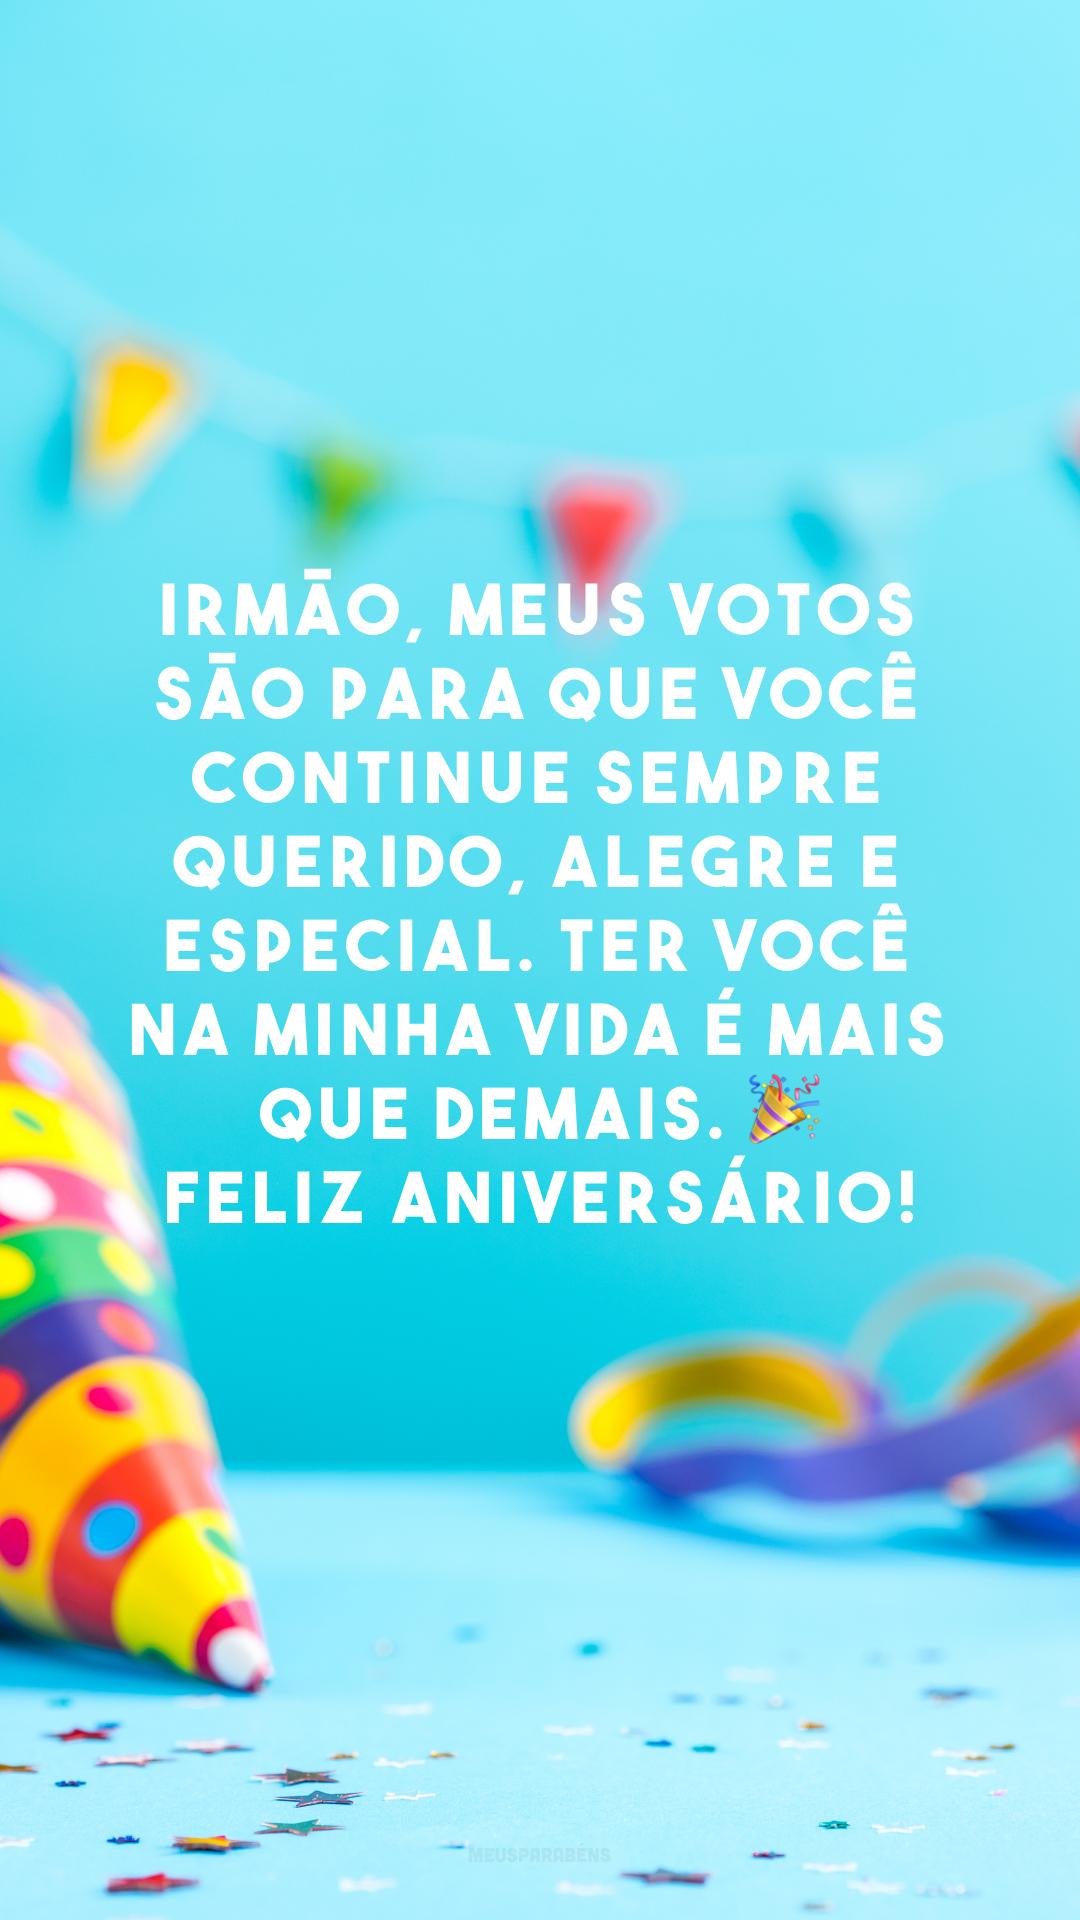 Irmão, meus votos são para que você continue sempre querido, alegre e especial. Ter você na minha vida é mais que demais. 🎉 Feliz aniversário!